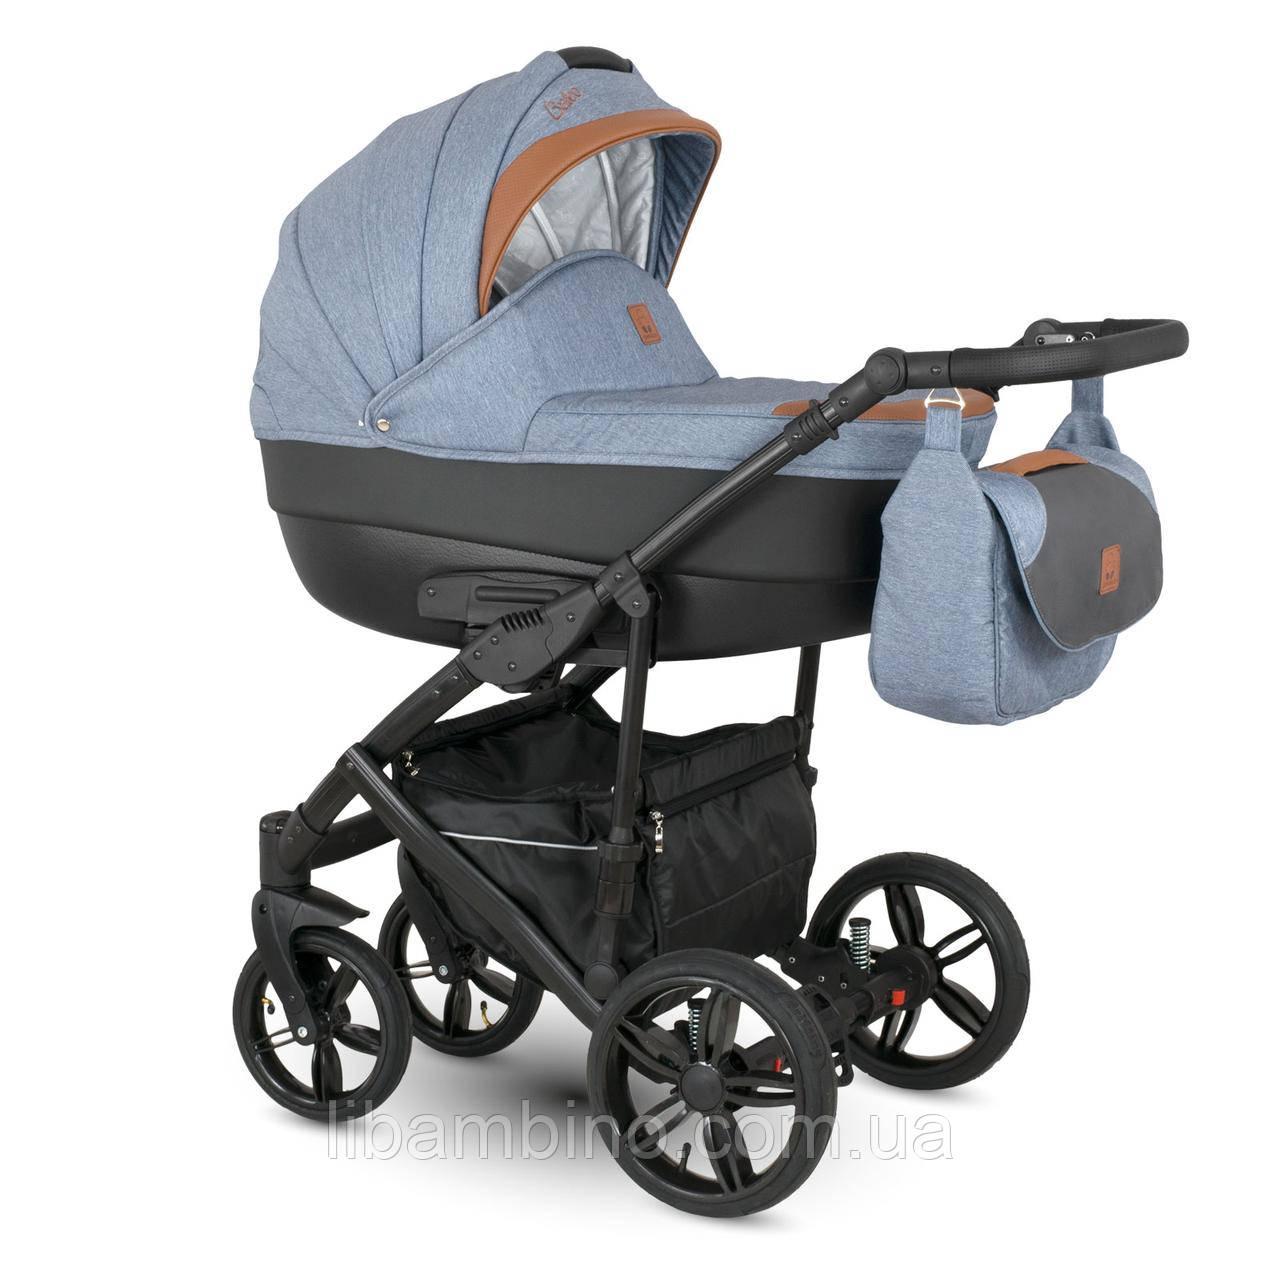 Дитяча універсальна коляска 2 в 1 Camarelo Baleo Ba-6